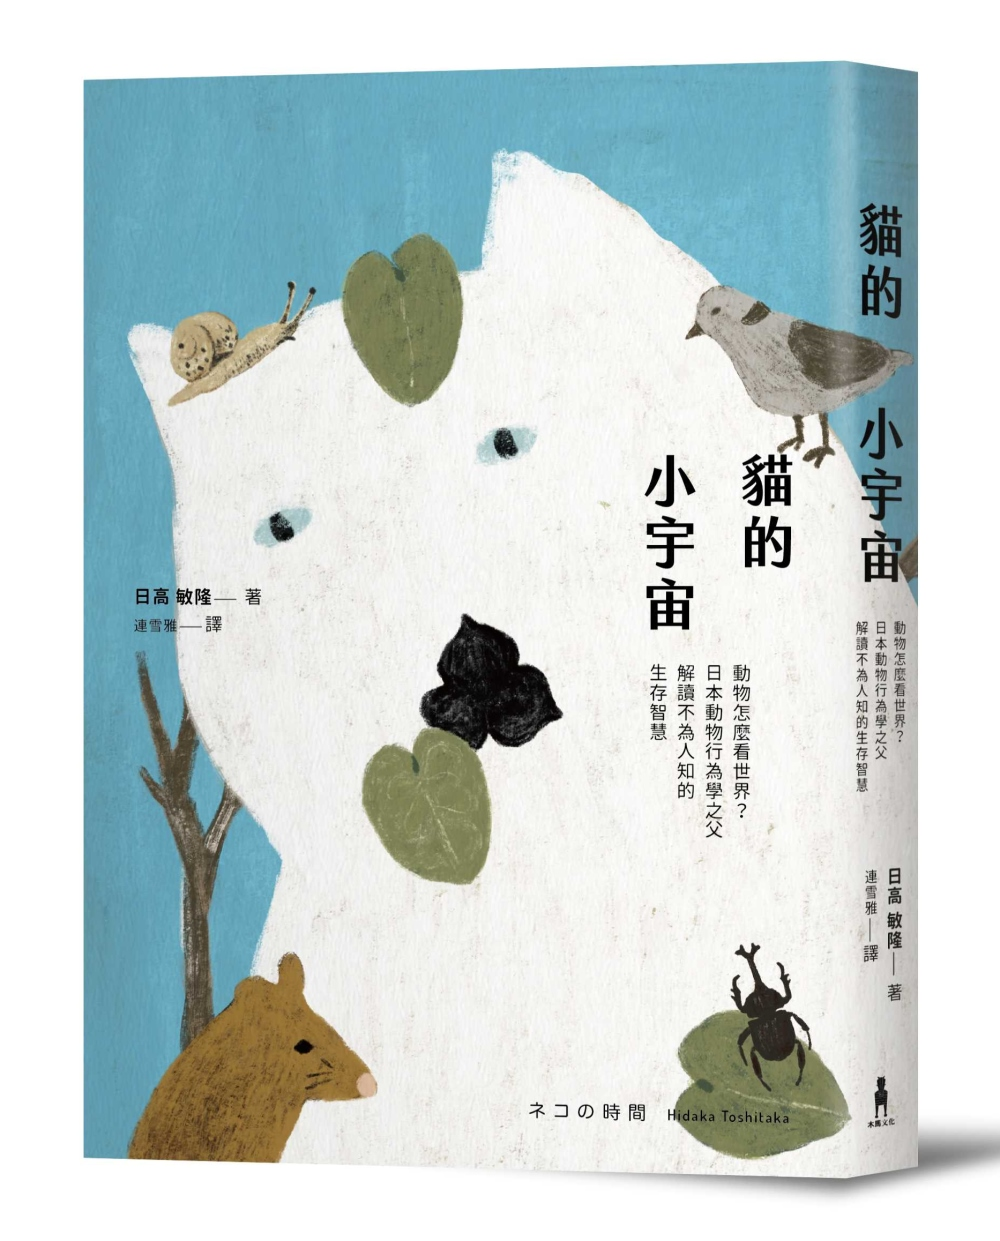 貓的小宇宙:動物怎麼看世界?日本動物行為學之父解讀不為人知的生存智慧